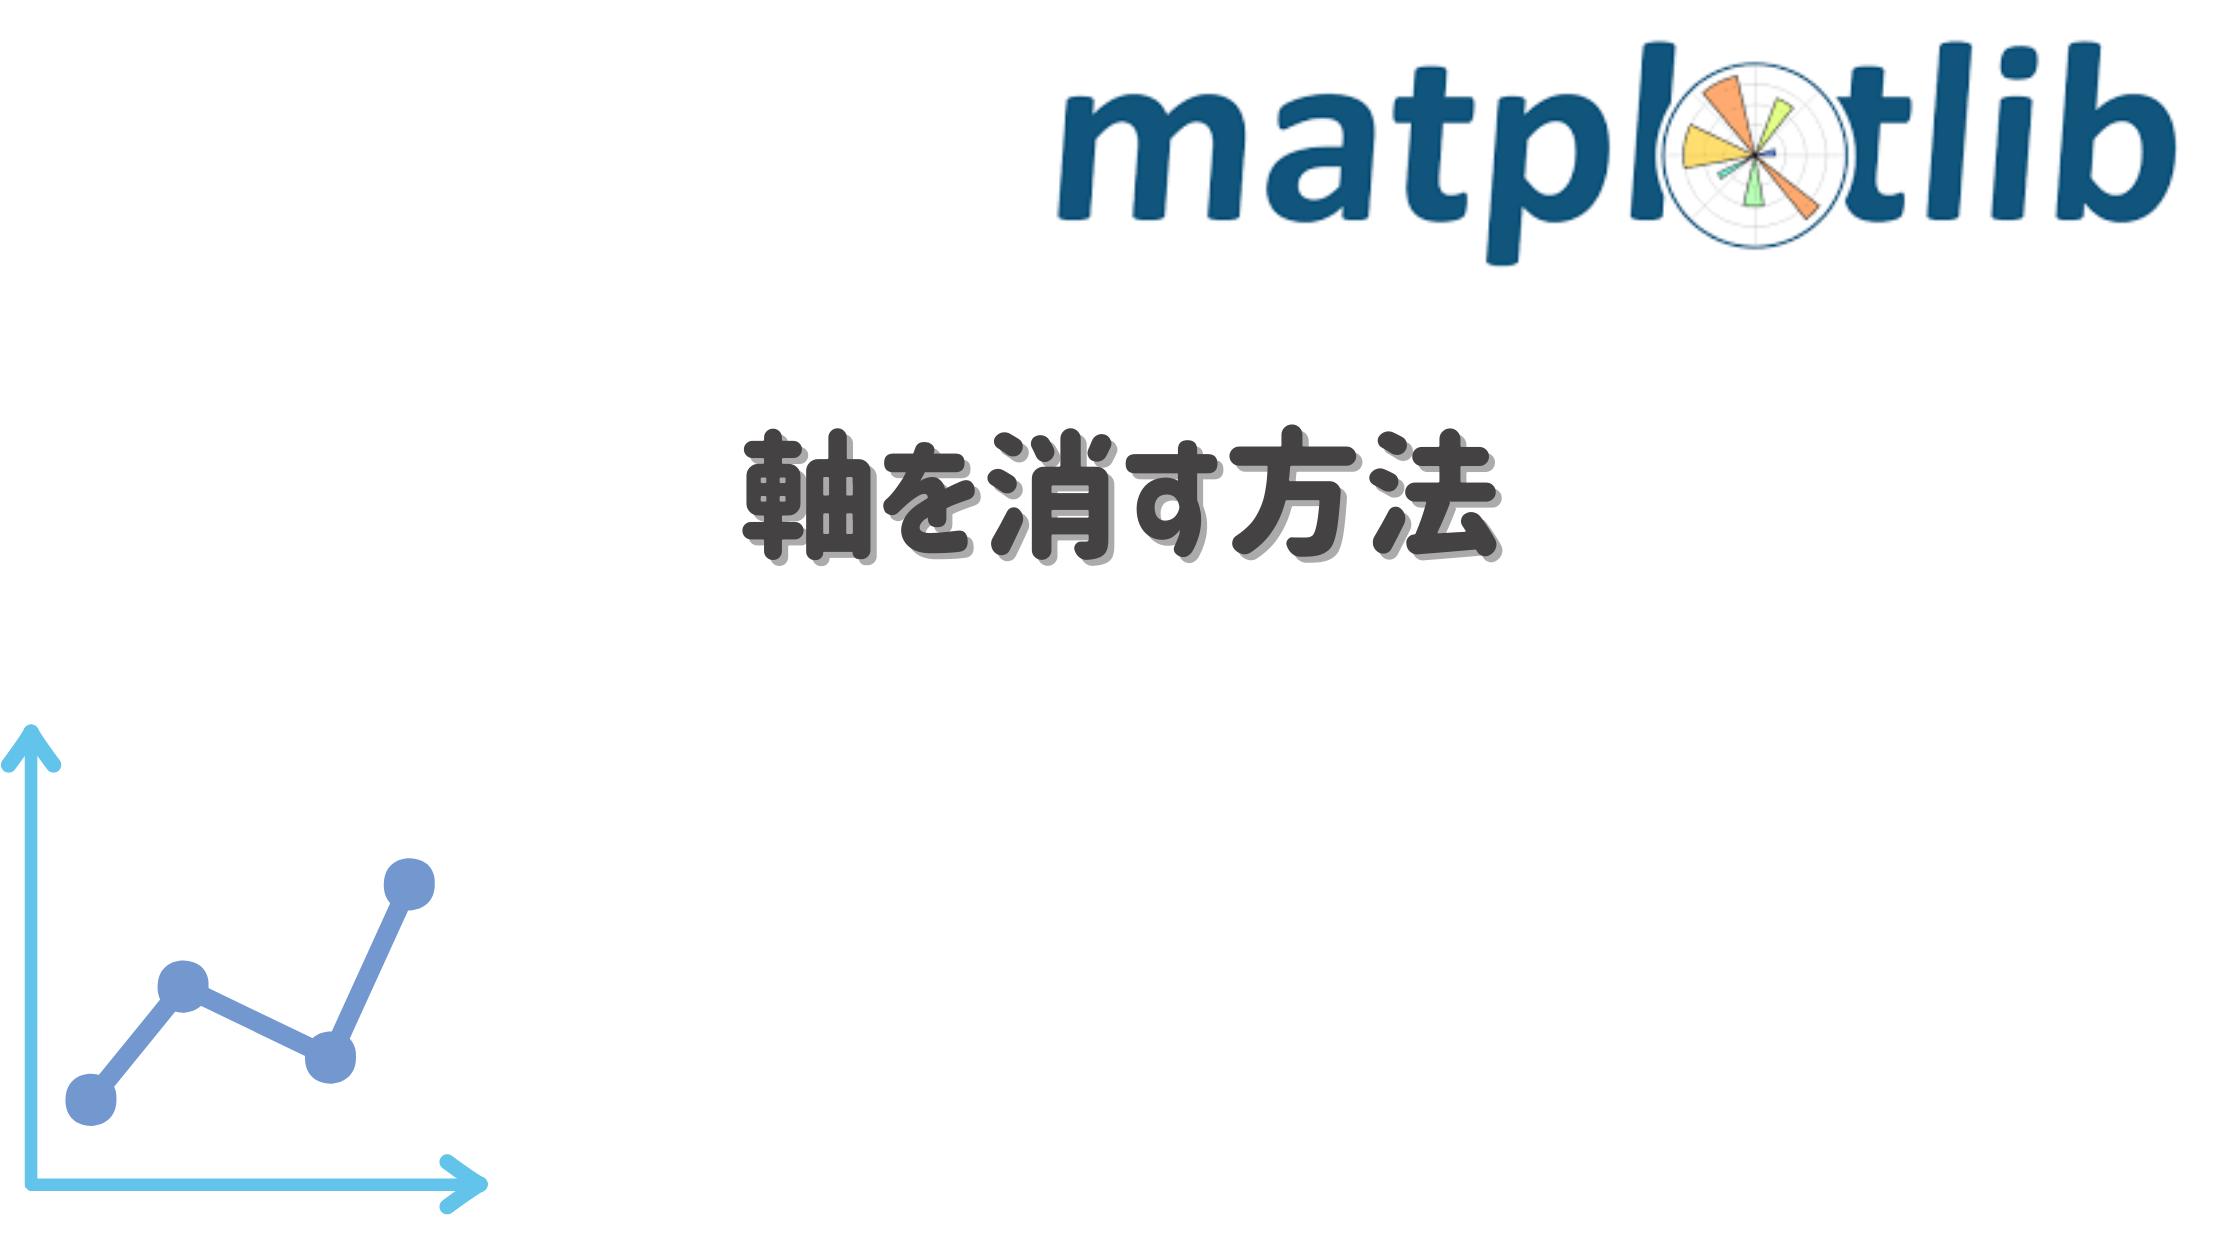 matplotlibで軸を消す記事のアイキャッチ